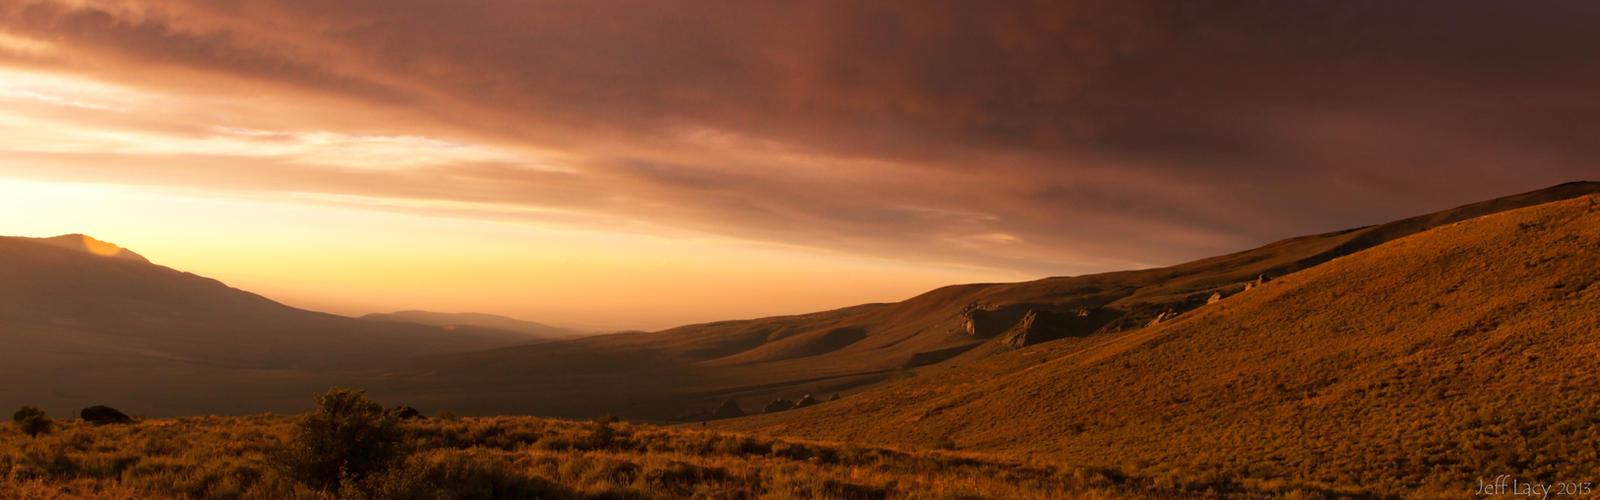 high desert sunset: dual widescreen wallpaperwetdog969 on deviantart